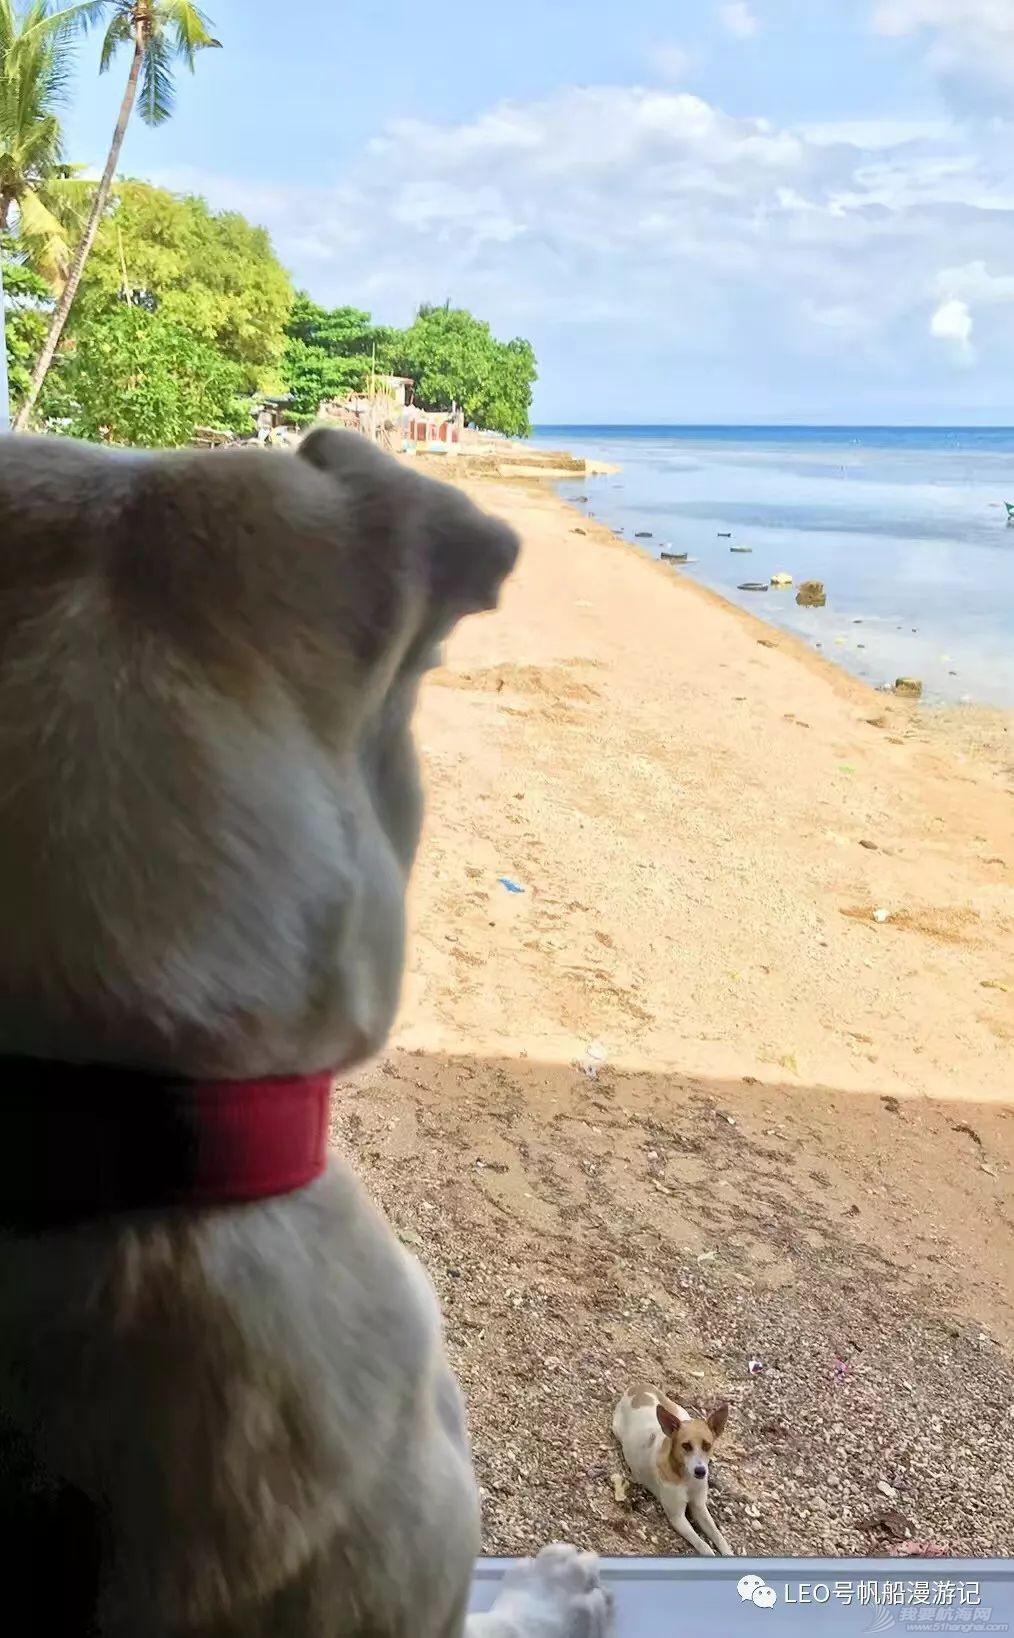 帆船游记三十:Island王子罗曼史——航海狗的爱恨情仇w21.jpg